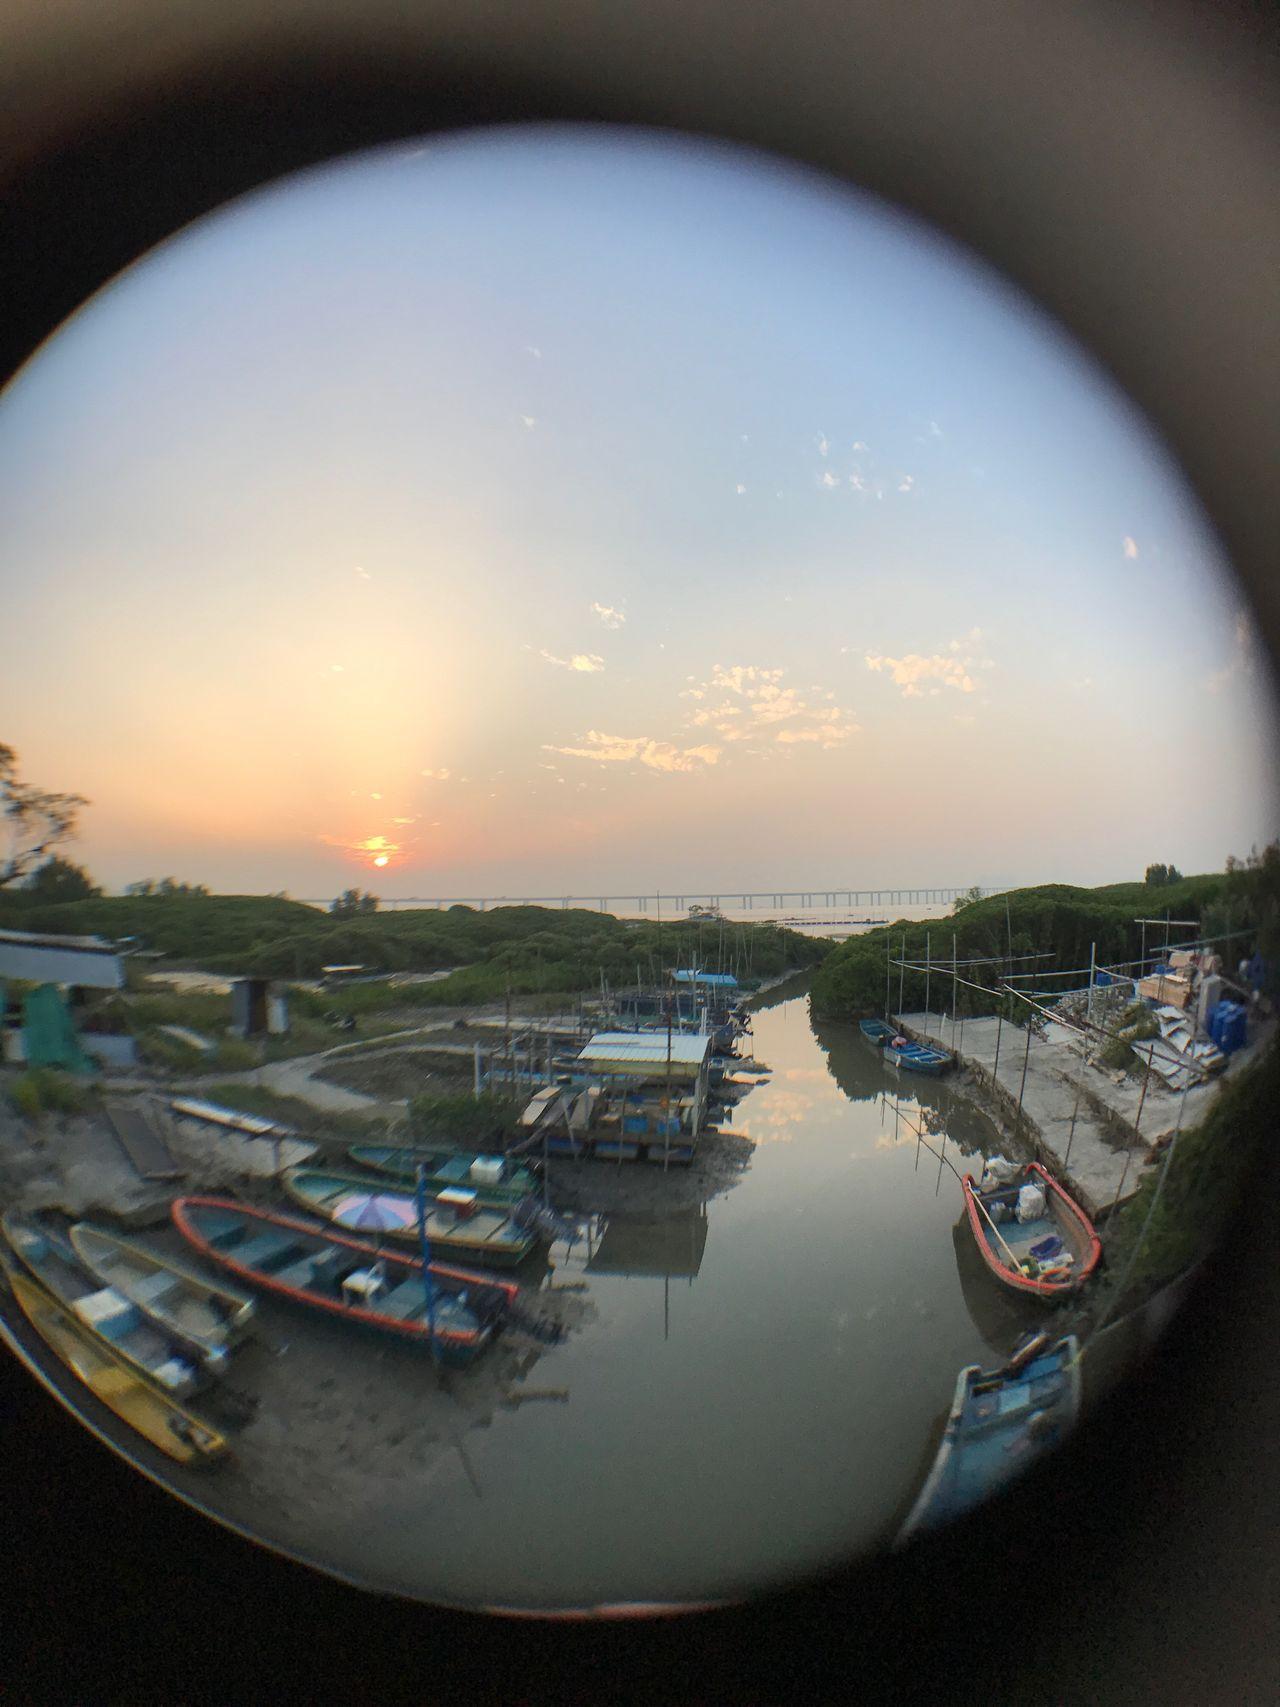 漁舟晚唱 - 坑口村 Reflection Sunset Moored Outdoors Nautical Vessel Silhouette Fisheye Hanging Out Check This Out Things I Like IPhone7Plus Fine Art Photography Lau Fau Shan Hong Kong